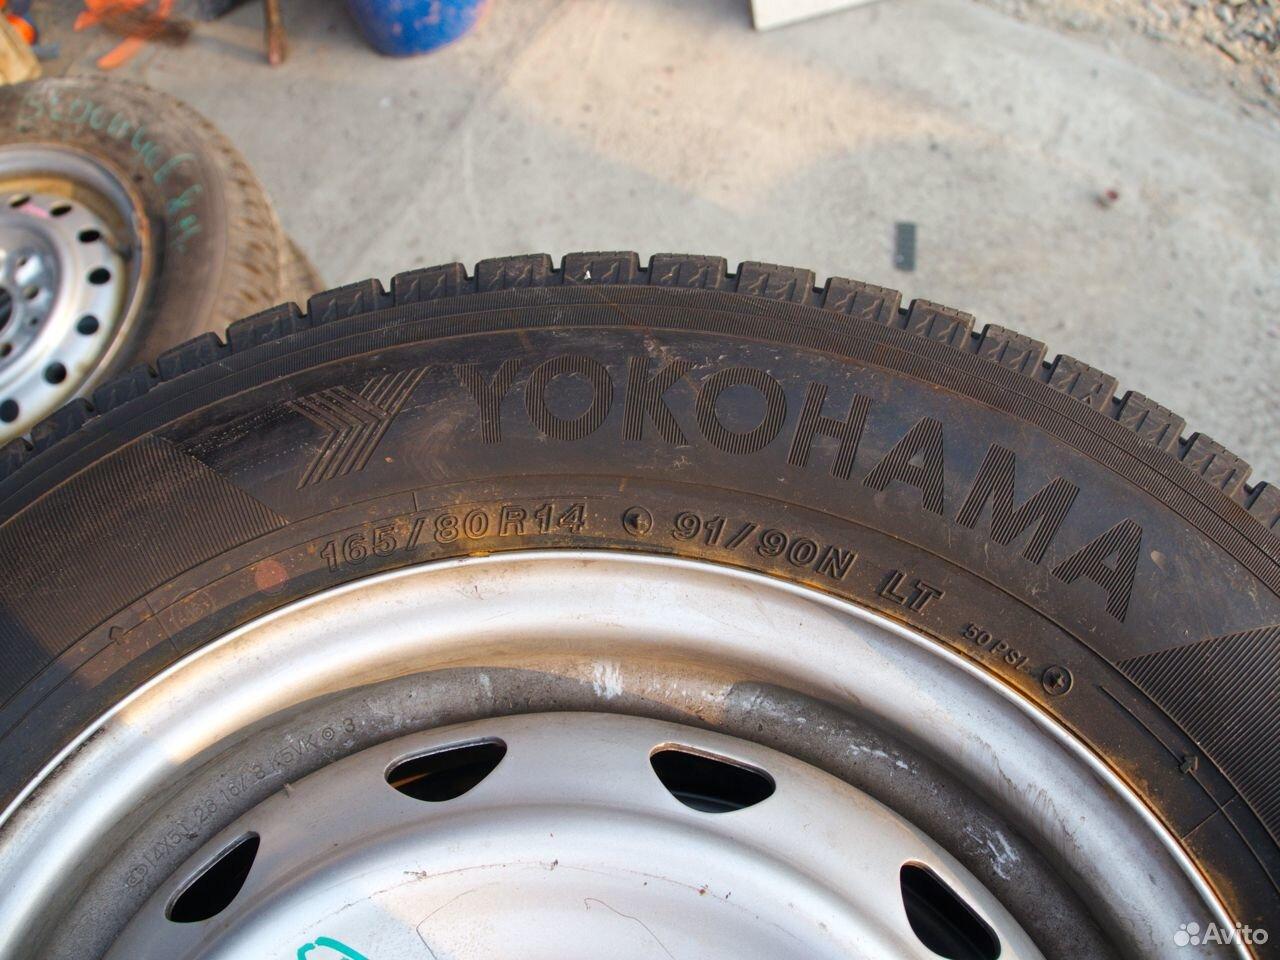 Колеса 165/80 R14 Yokohama зима Probox в Магадане